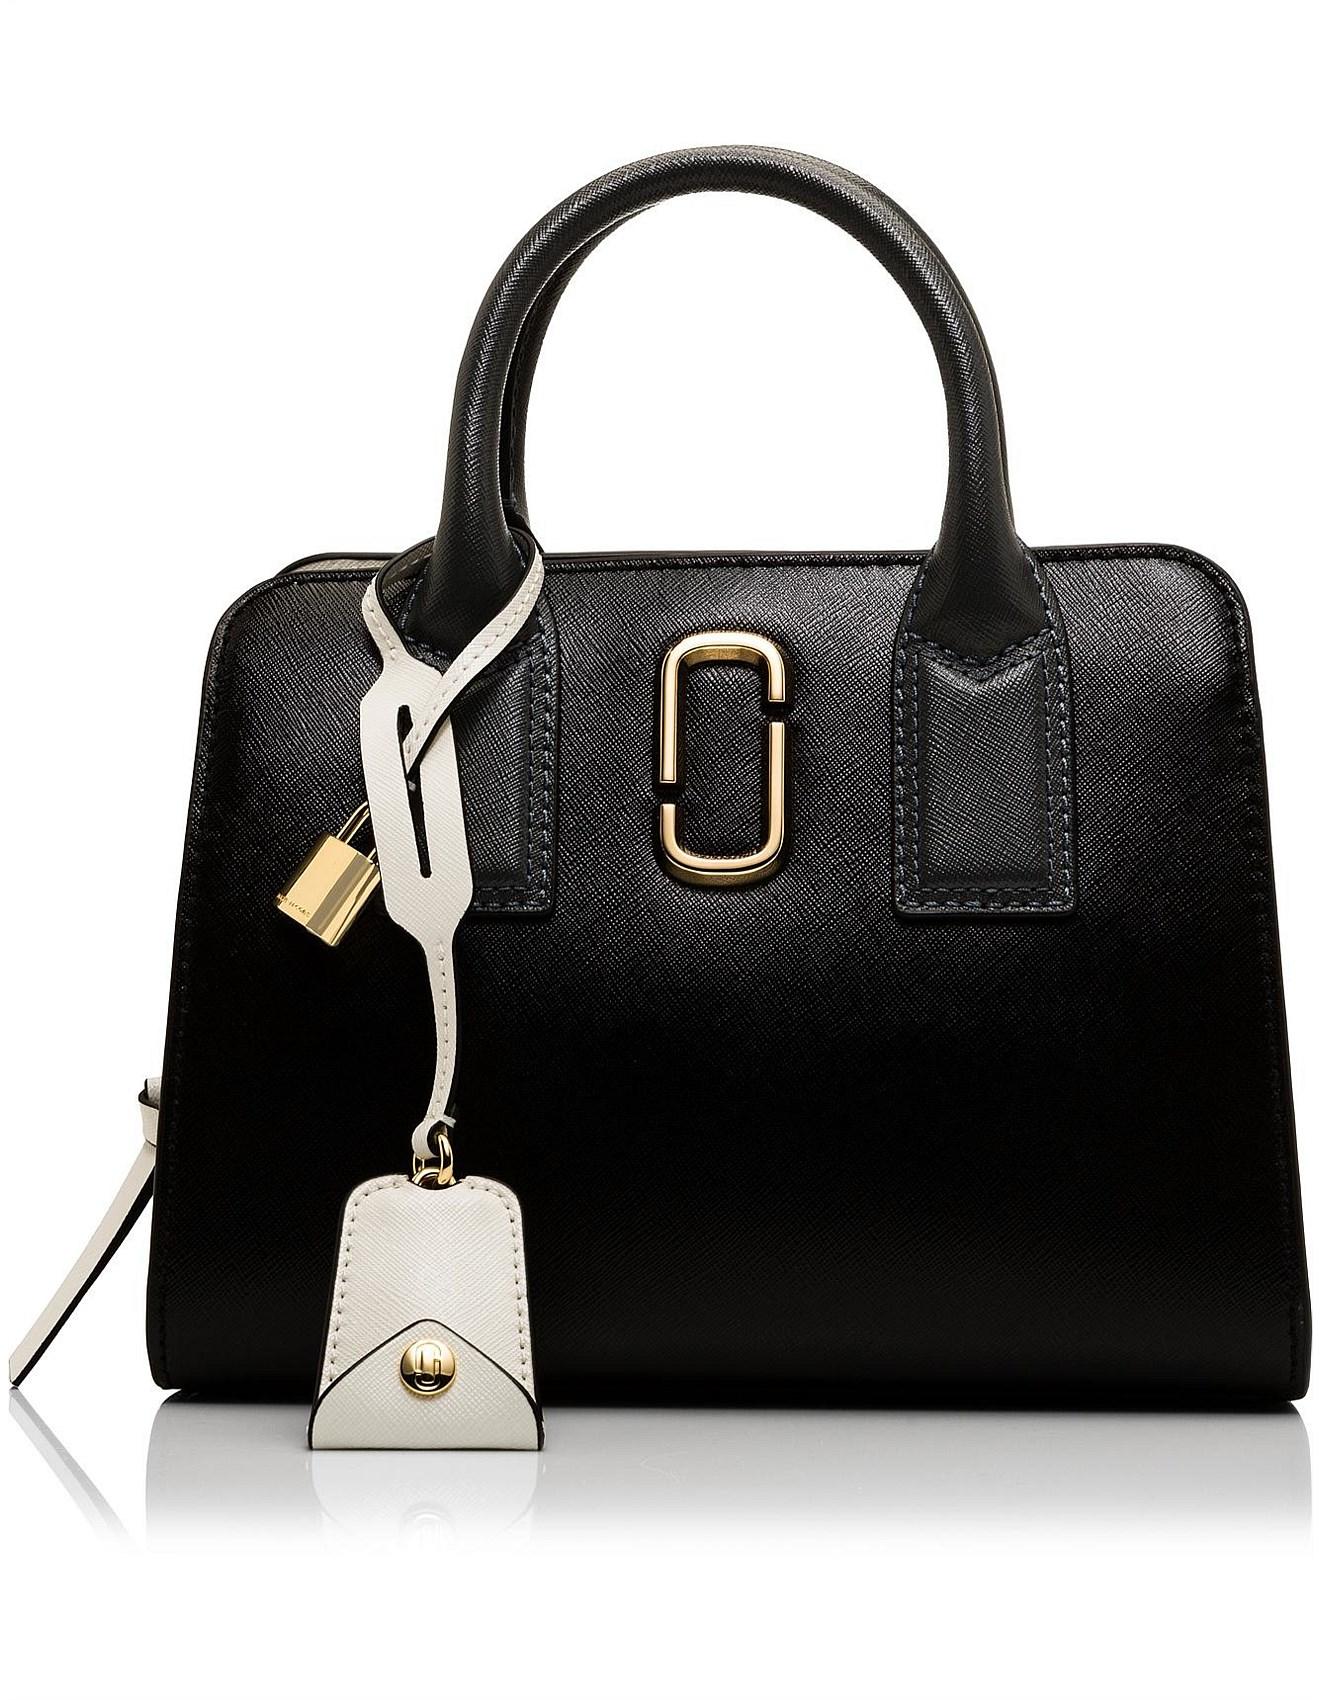 606f7bb4dd8426 Women's Tote Bags | Buy Women's Handbags Online | David Jones ...